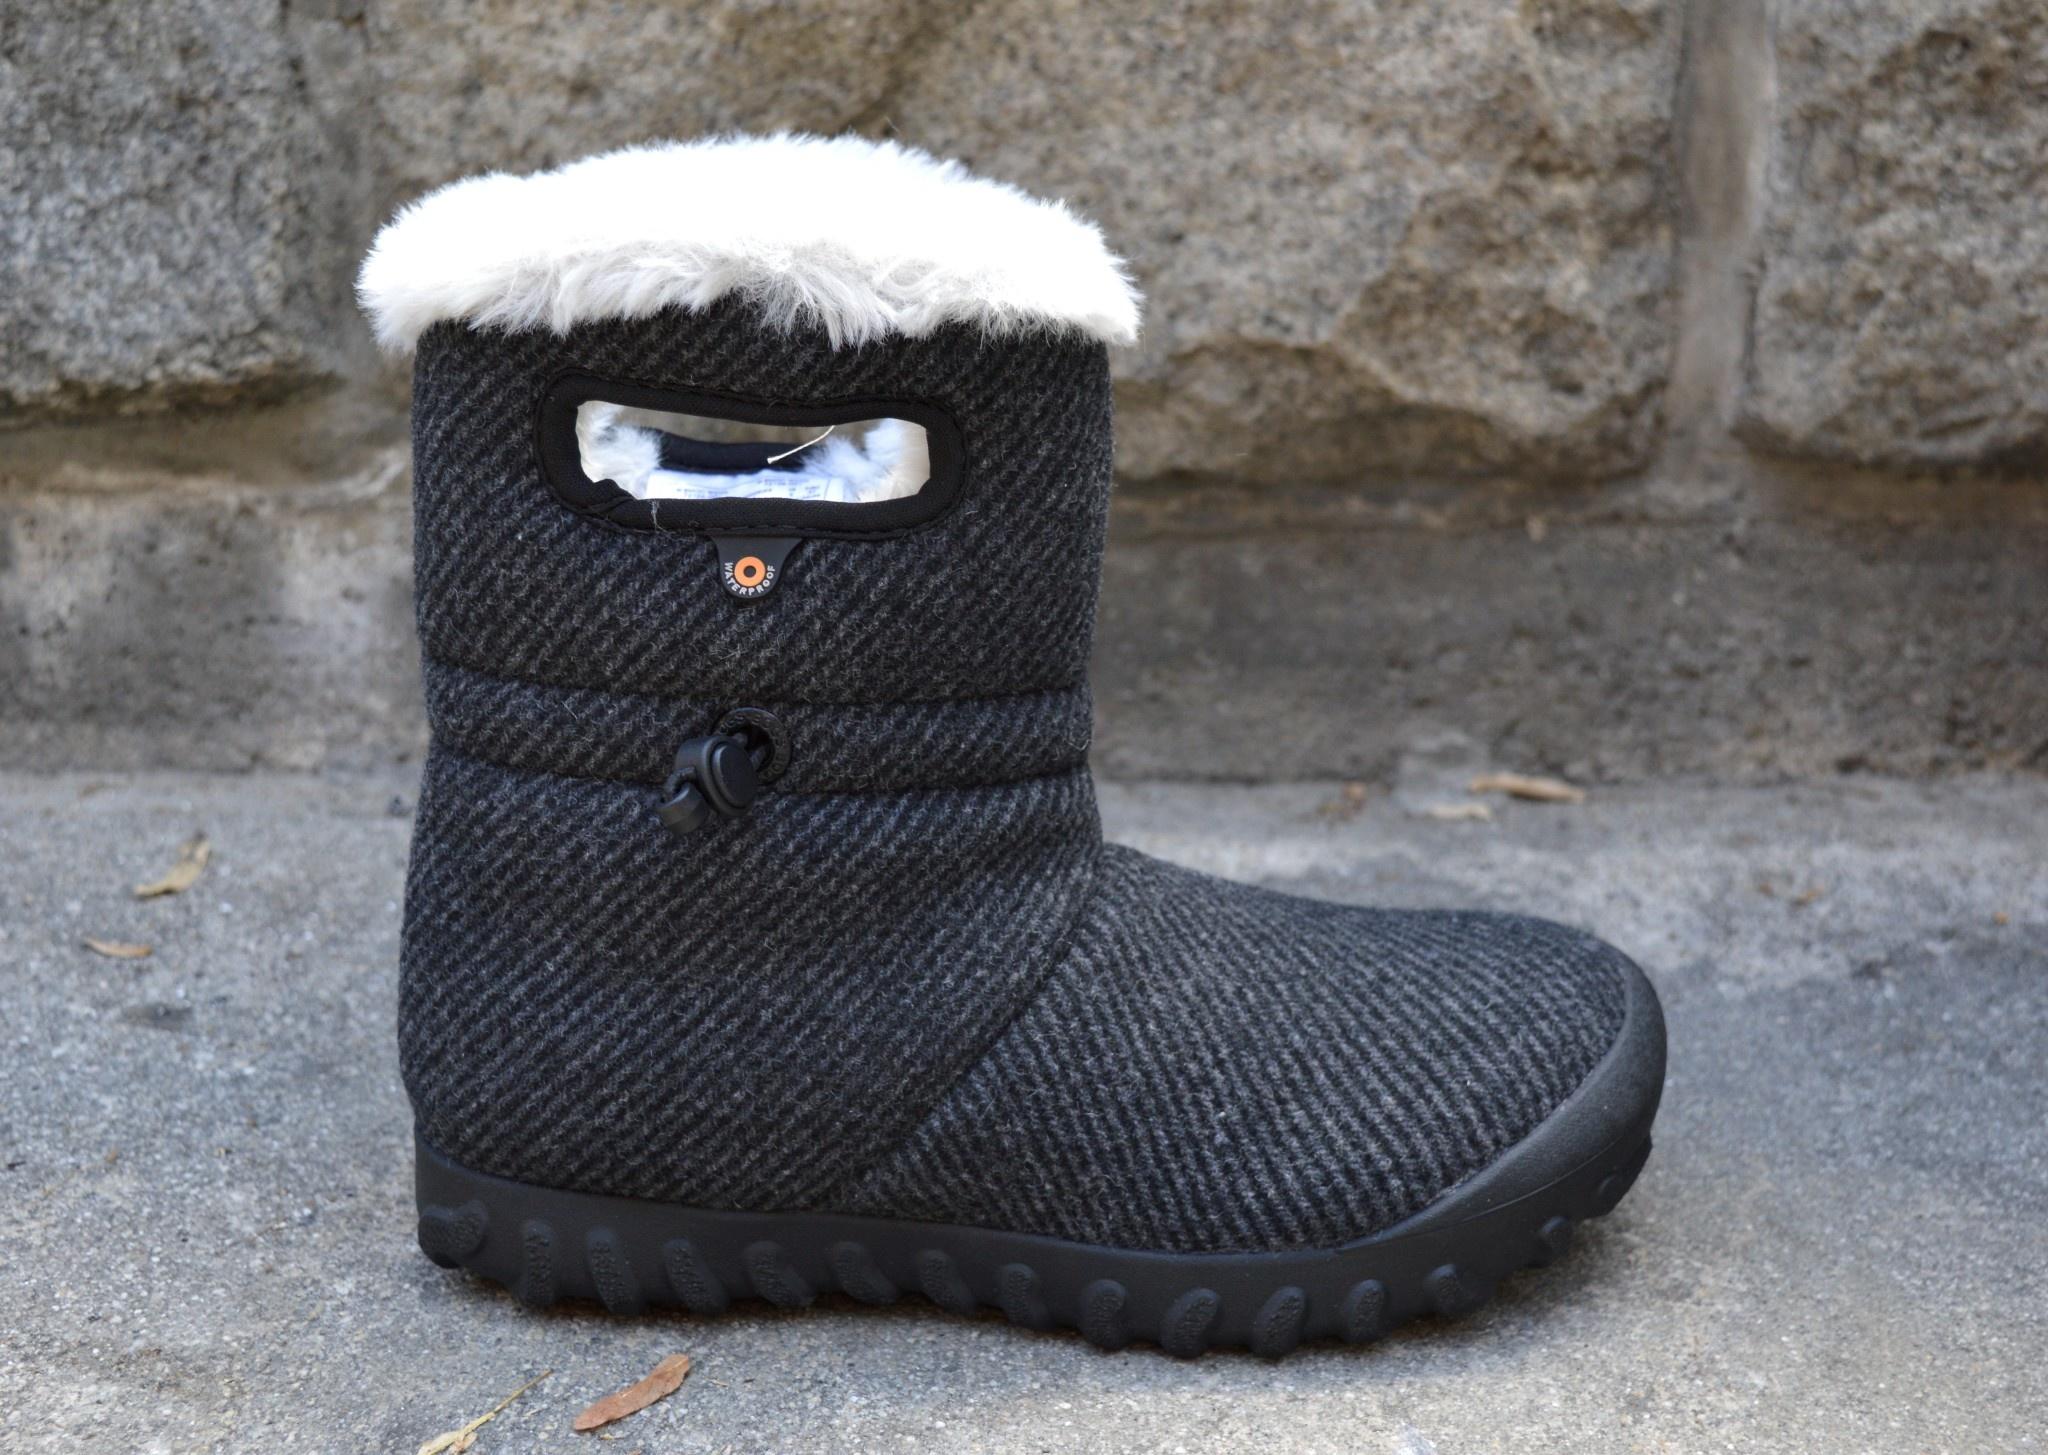 Bogs Bogs B-Moc Wool